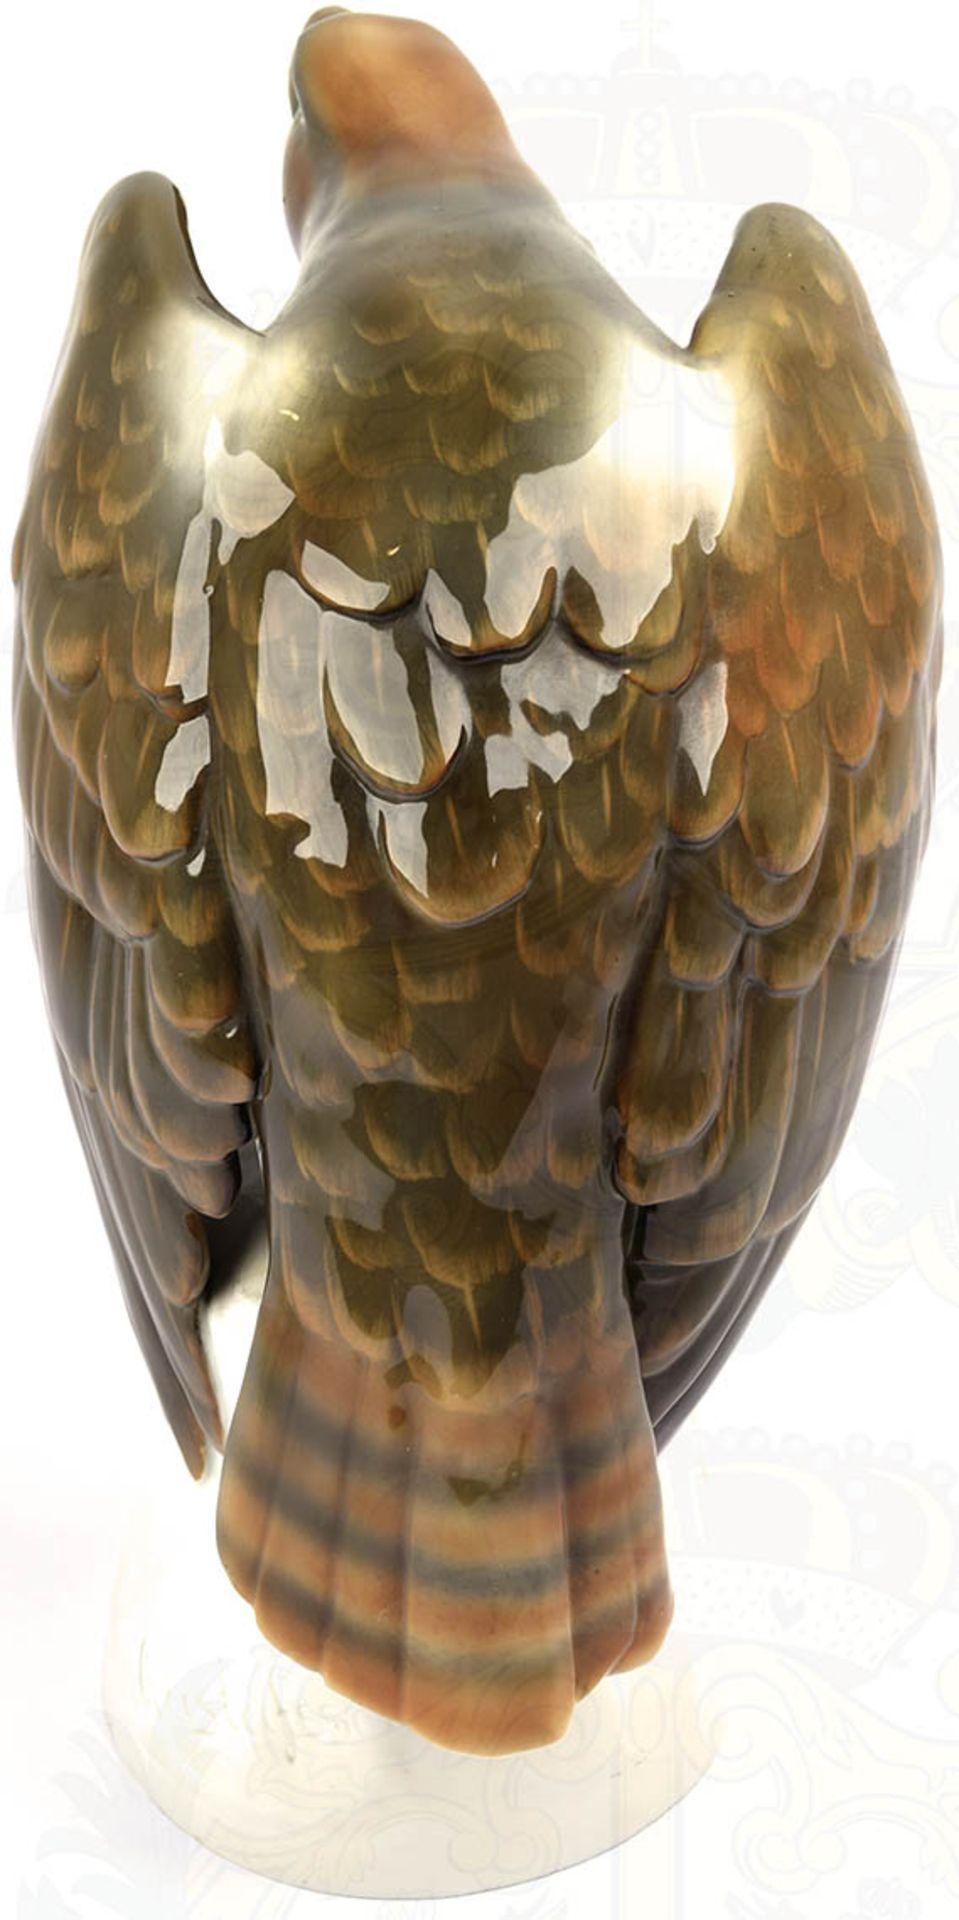 """PLASTIK """"SPÄHENDER ADLER"""", weißes Porzellan, glasiert, Adler farbig gefaßt, Hals und Kopf - Bild 3 aus 6"""